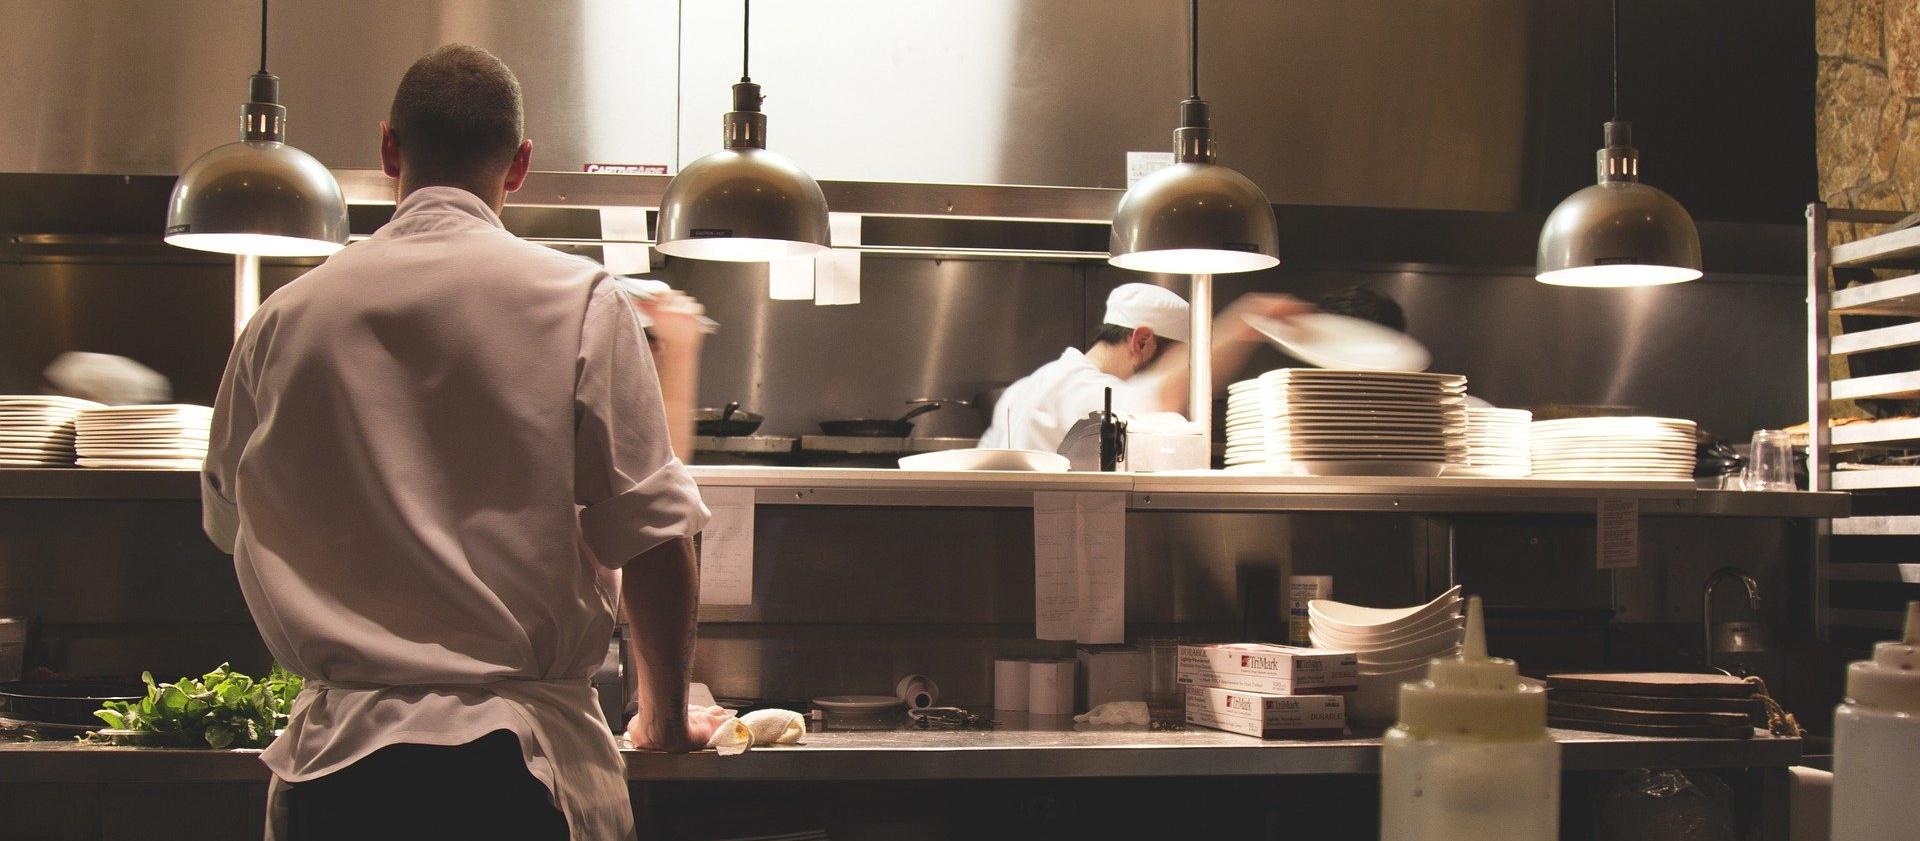 Ahorro energético en restaurantes: ¿cómo conseguirlo?